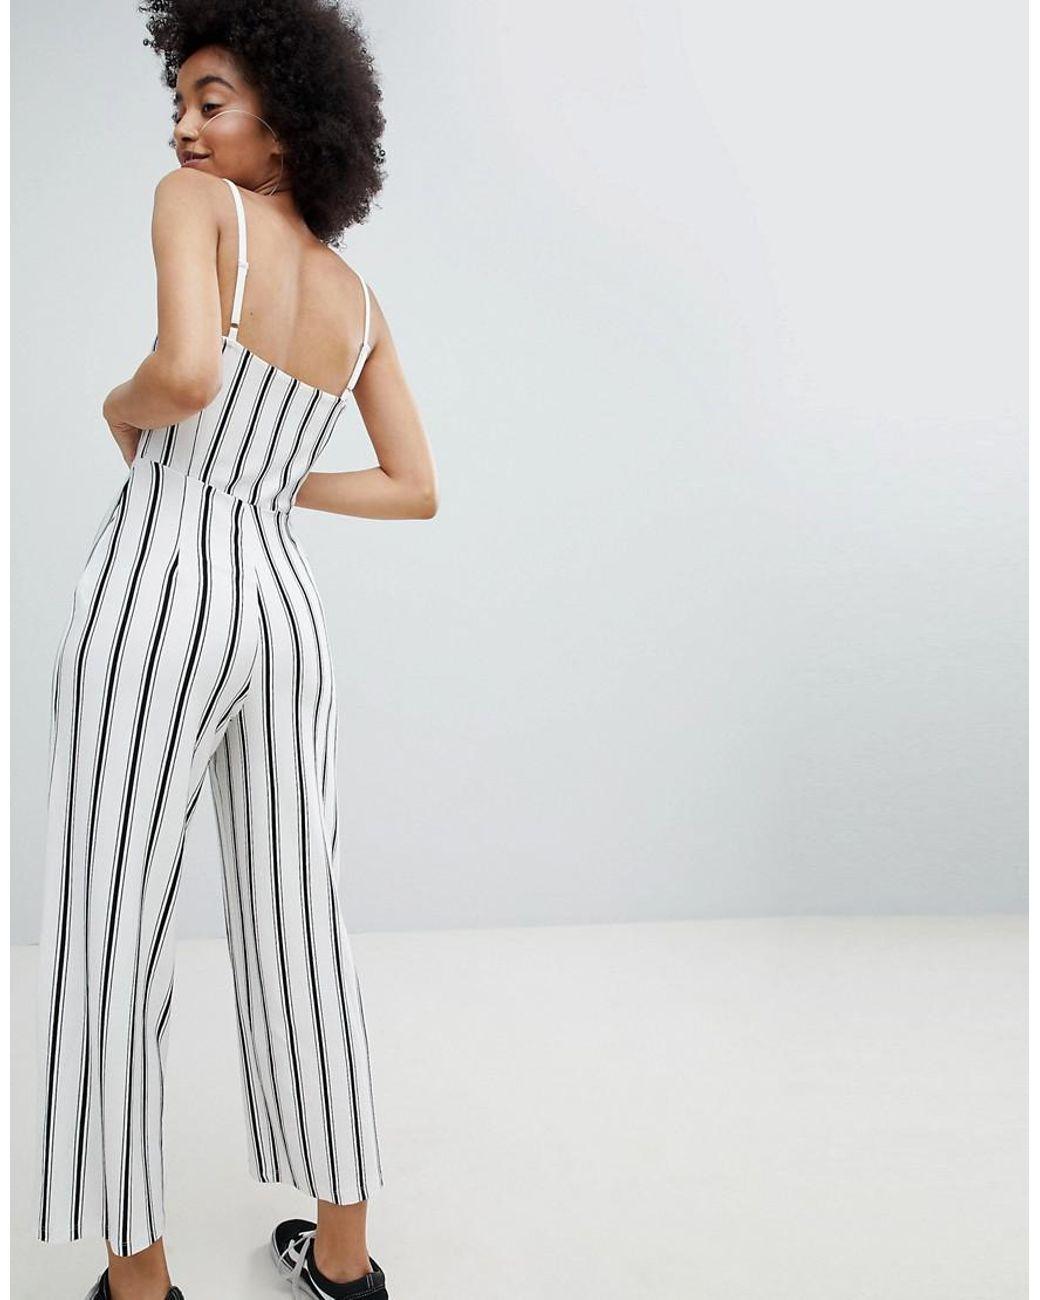 c70fdb7293f Lyst - Bershka Stripe Wide Leg Jumpsuit In Cream in White